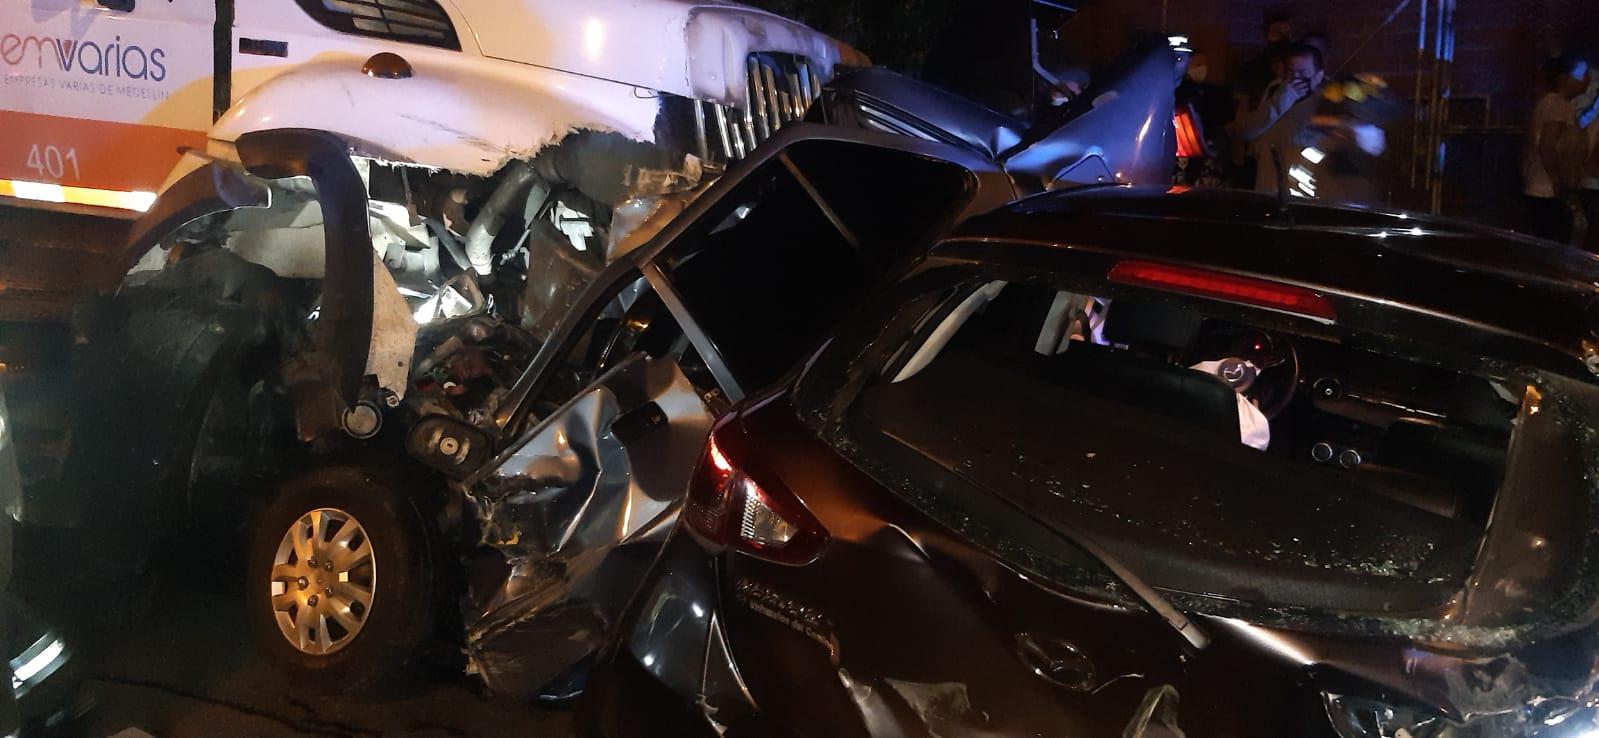 22 herido y 16 vehículos y 4 motos chocadas deja el accidente provocado por un camión recolector de basura